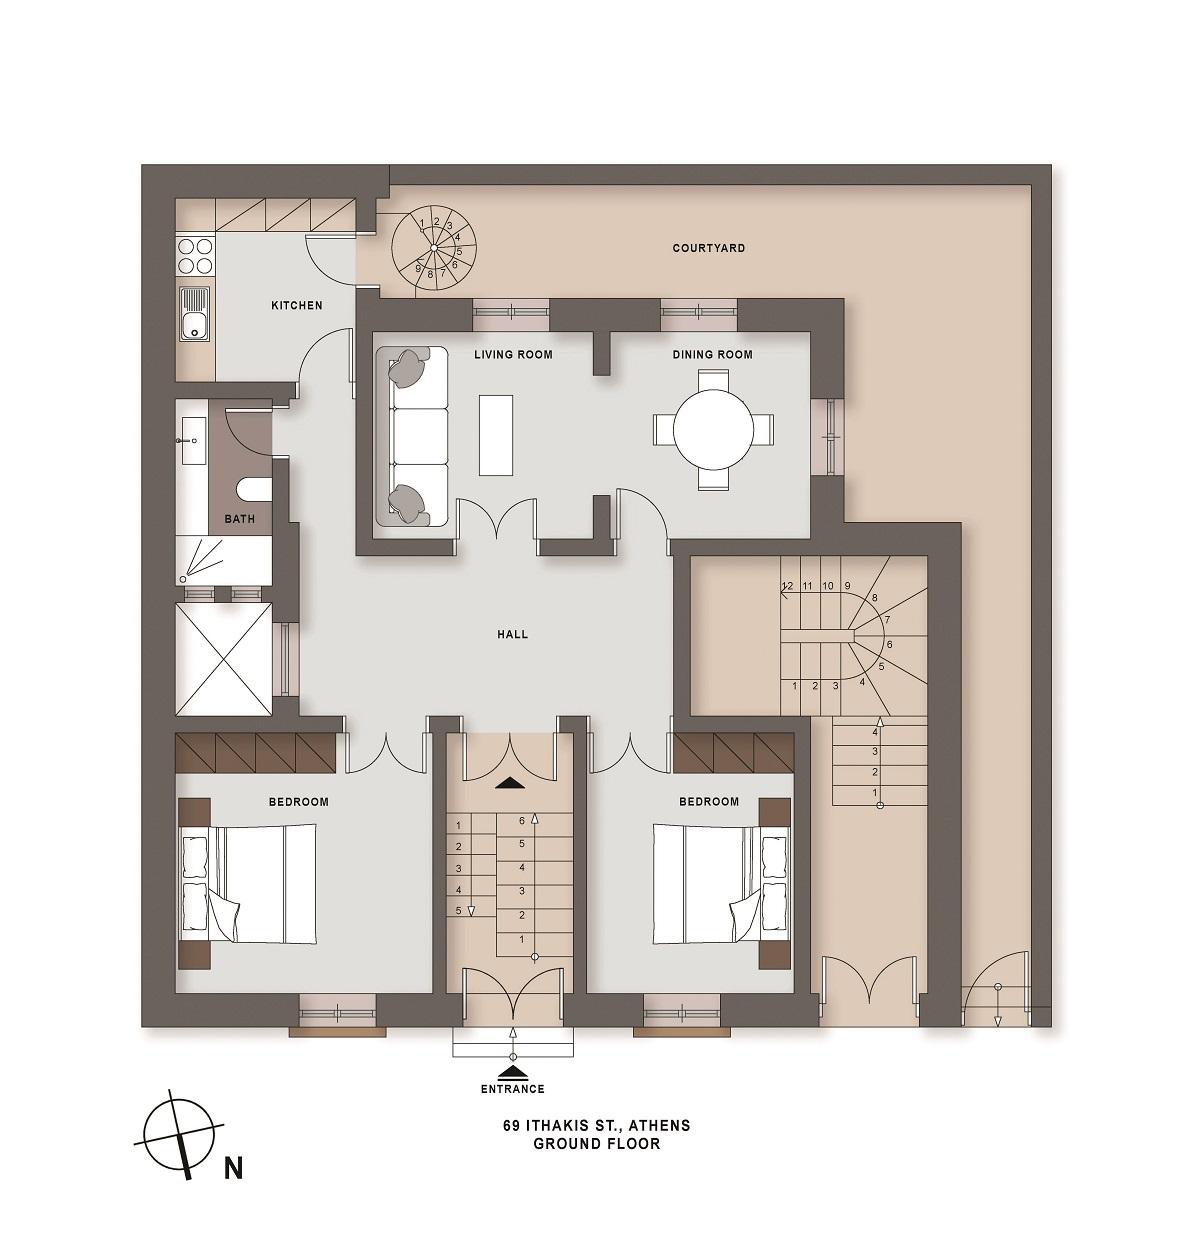 Ithakis 69 ground floor plan